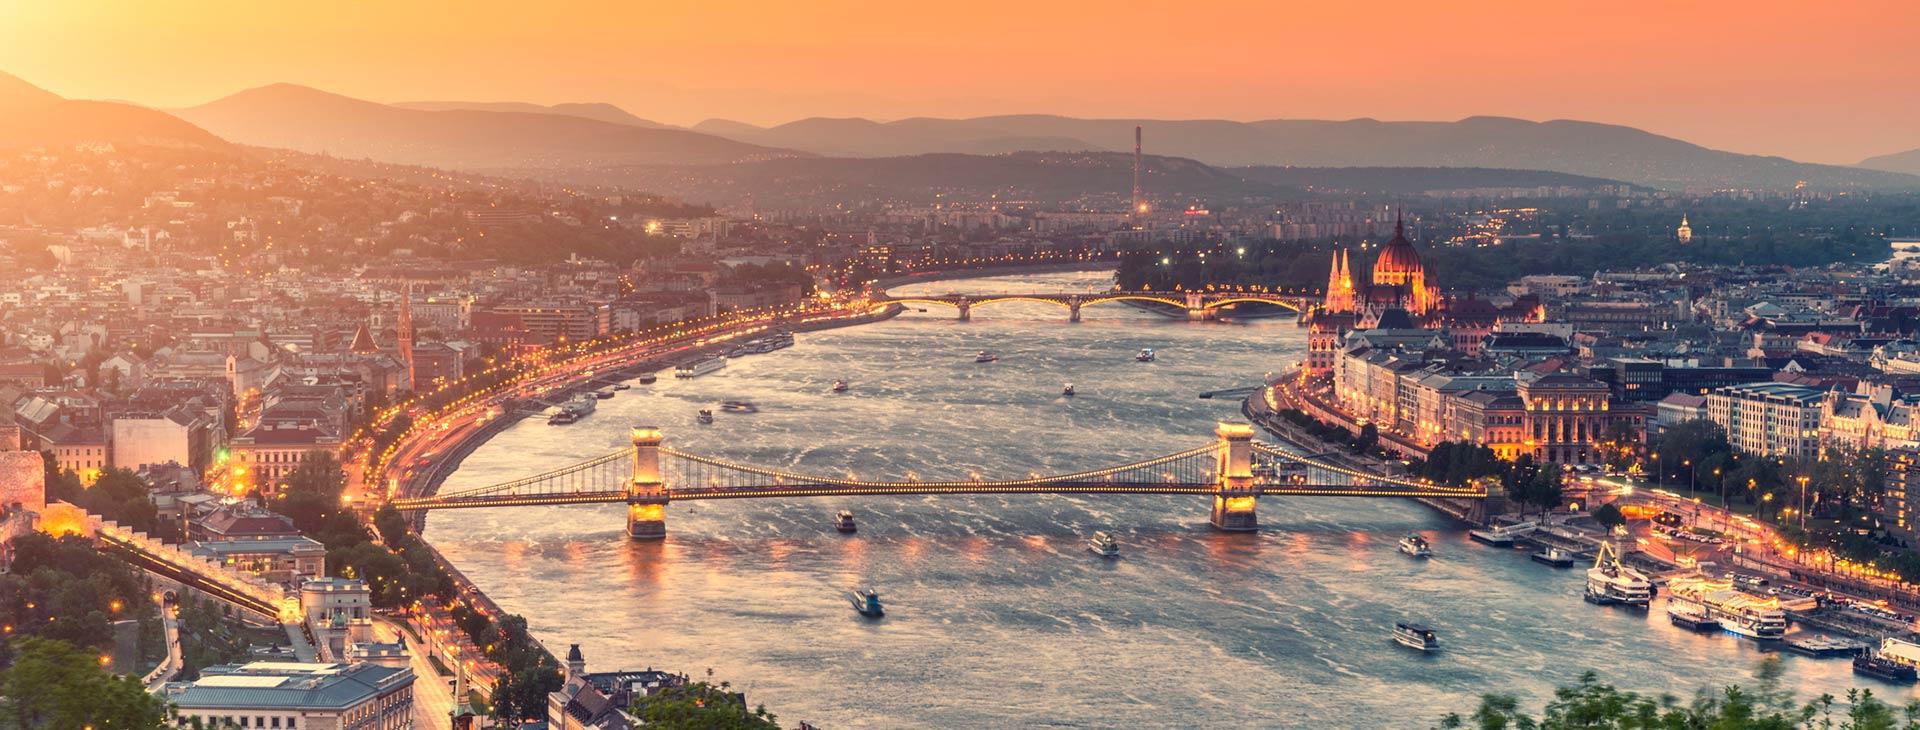 Budapeszt i Tokaj -  w krainie wina, czardasza i gorących źródeł - dla wygodnych